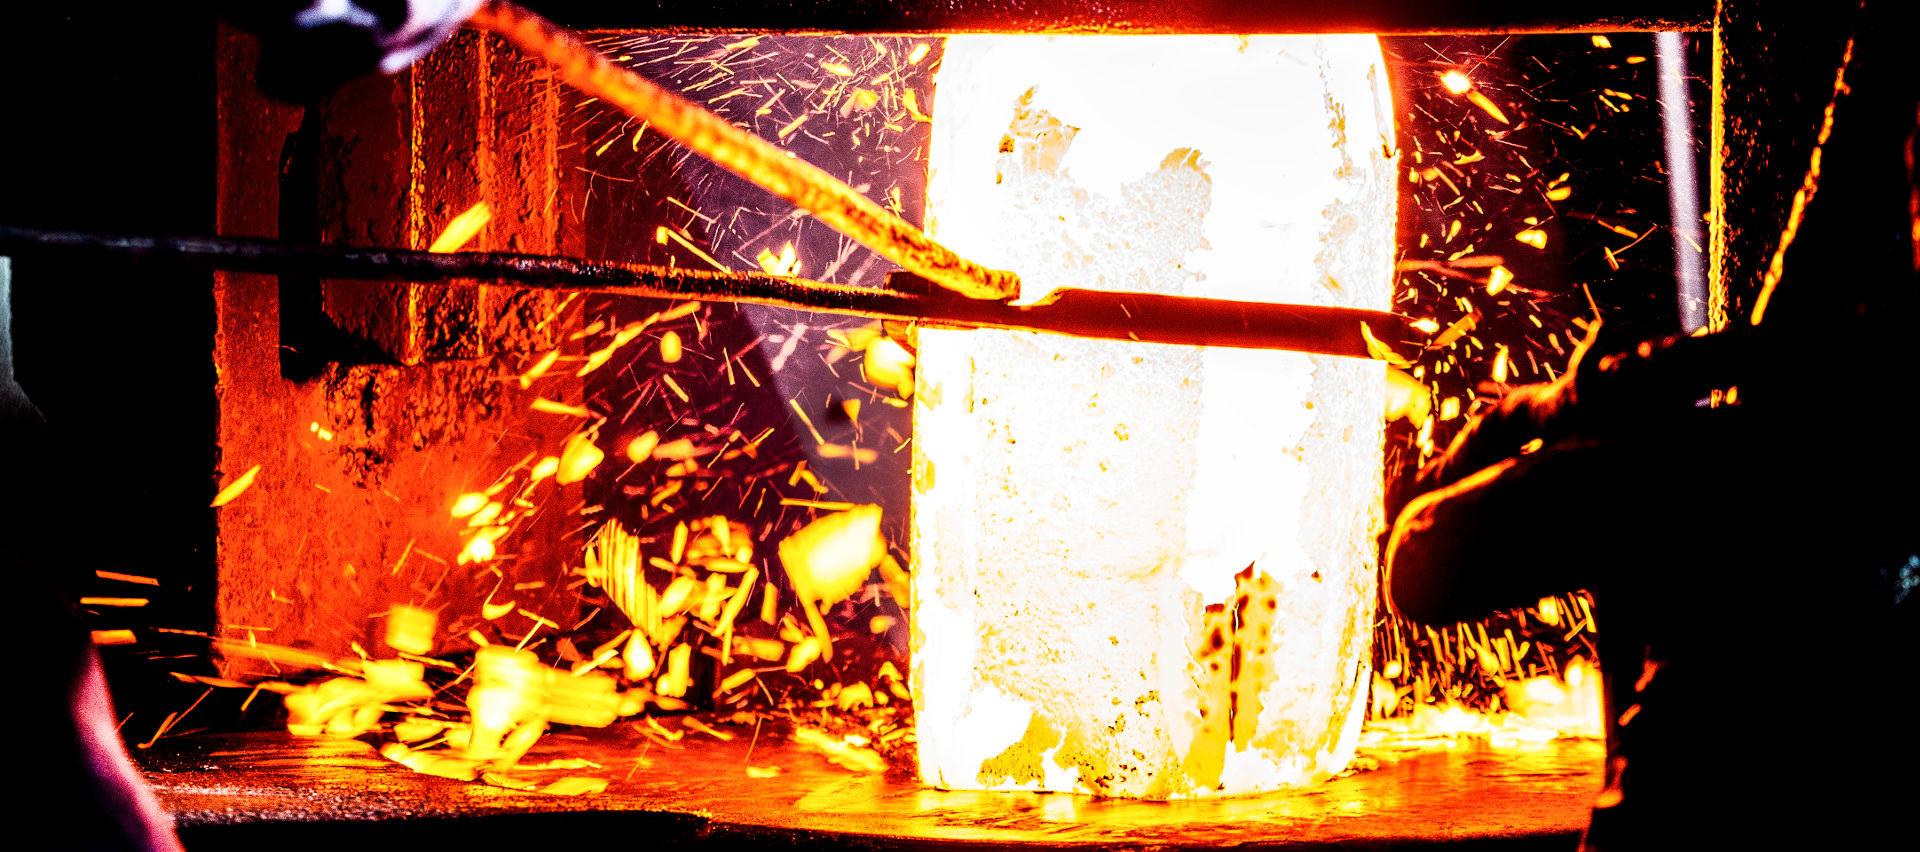 Azienda stampaggio a caldo - Sadam Pertusio Canavese